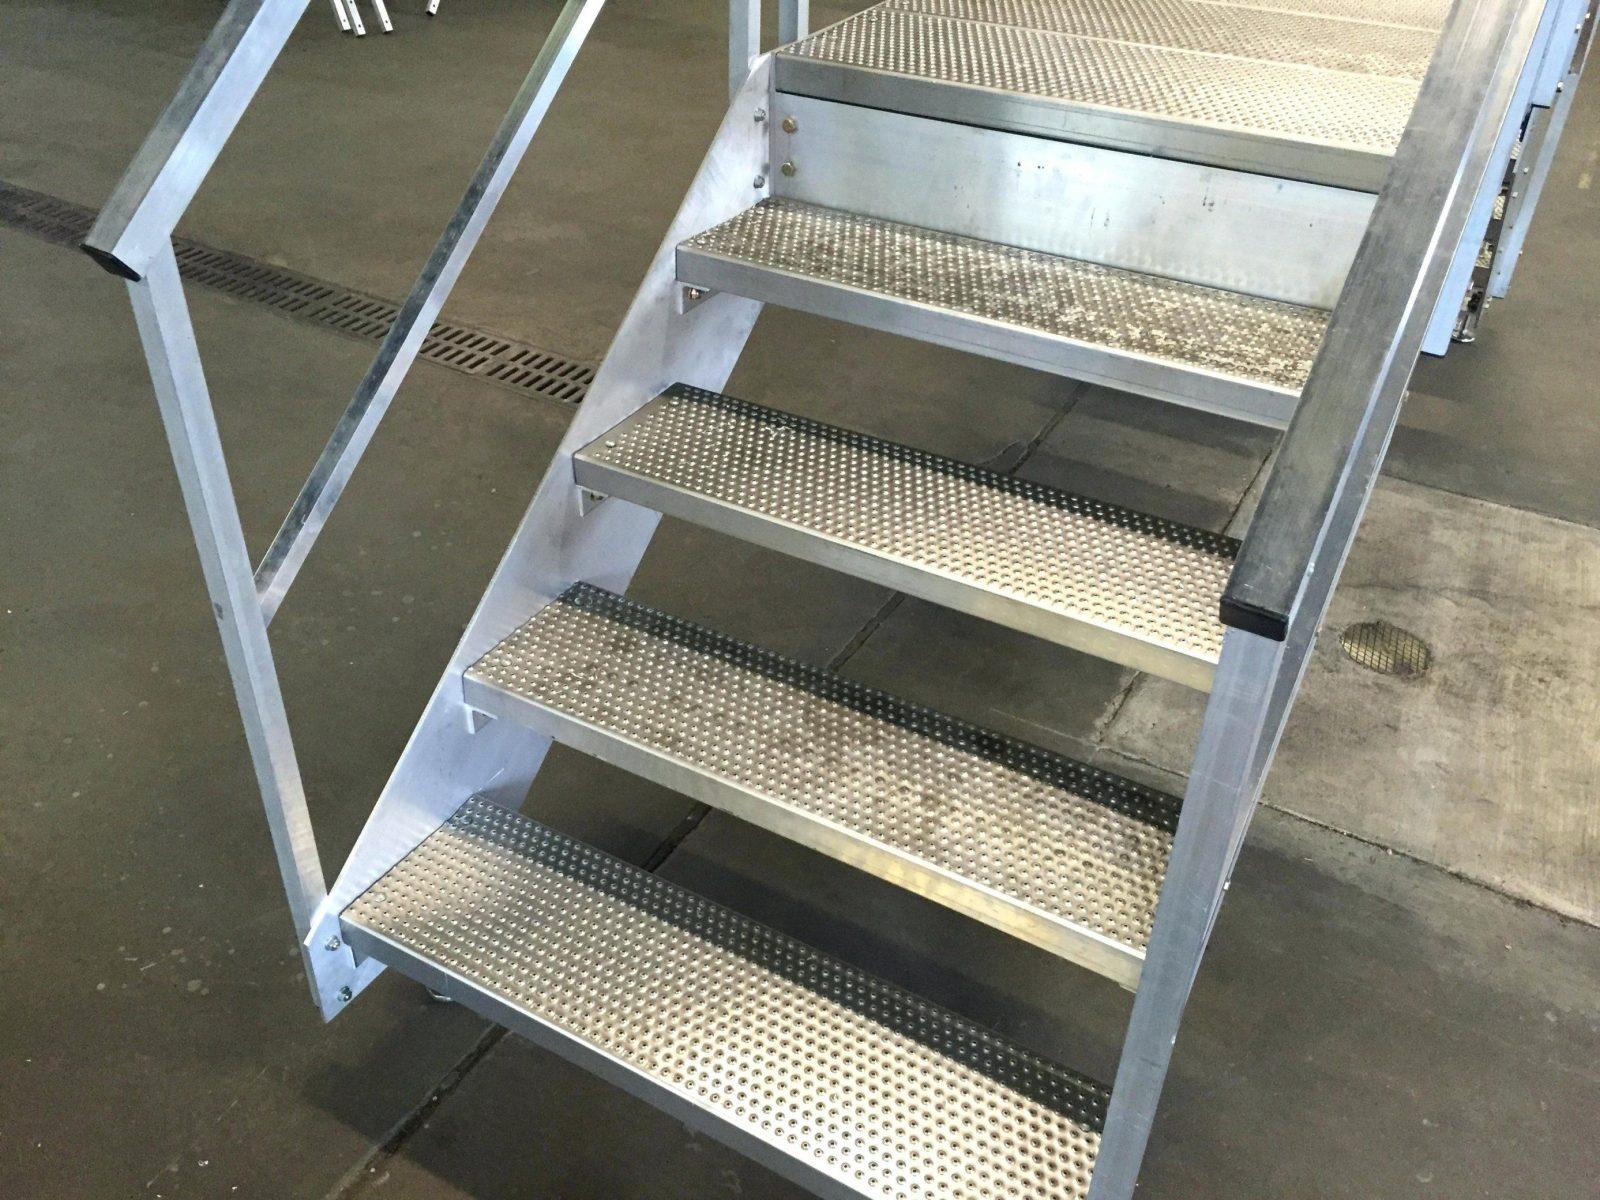 Rampe Fur Treppe Full Size Of Benutzerdefinierte Treppenschan von Treppe Rampe Selber Bauen Bild